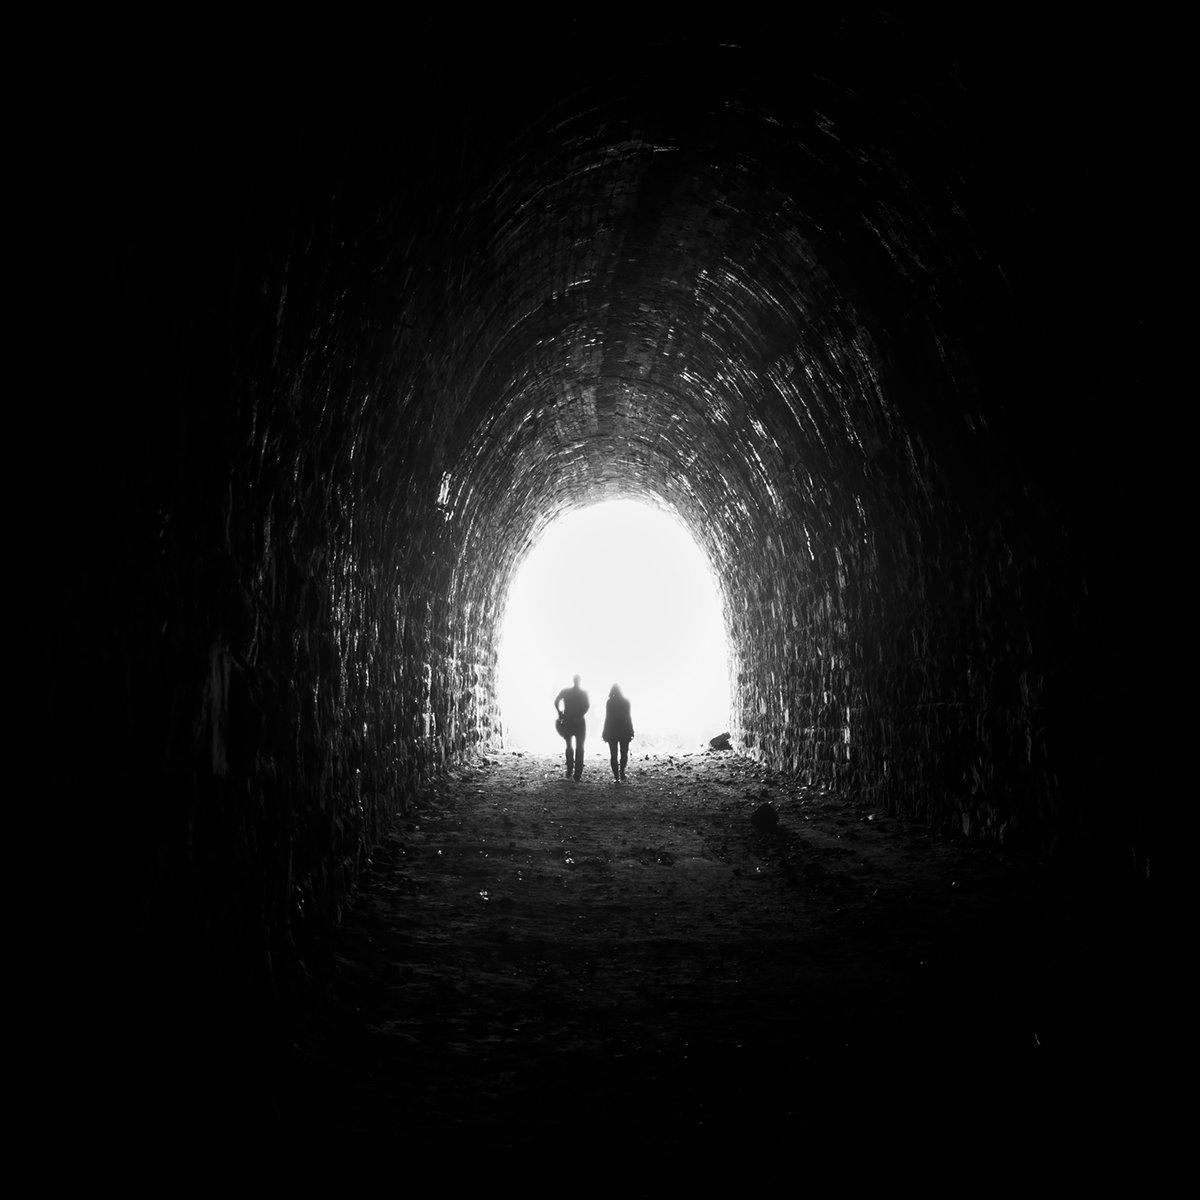 брак тоннели картинки в конце тоннеля несложно было